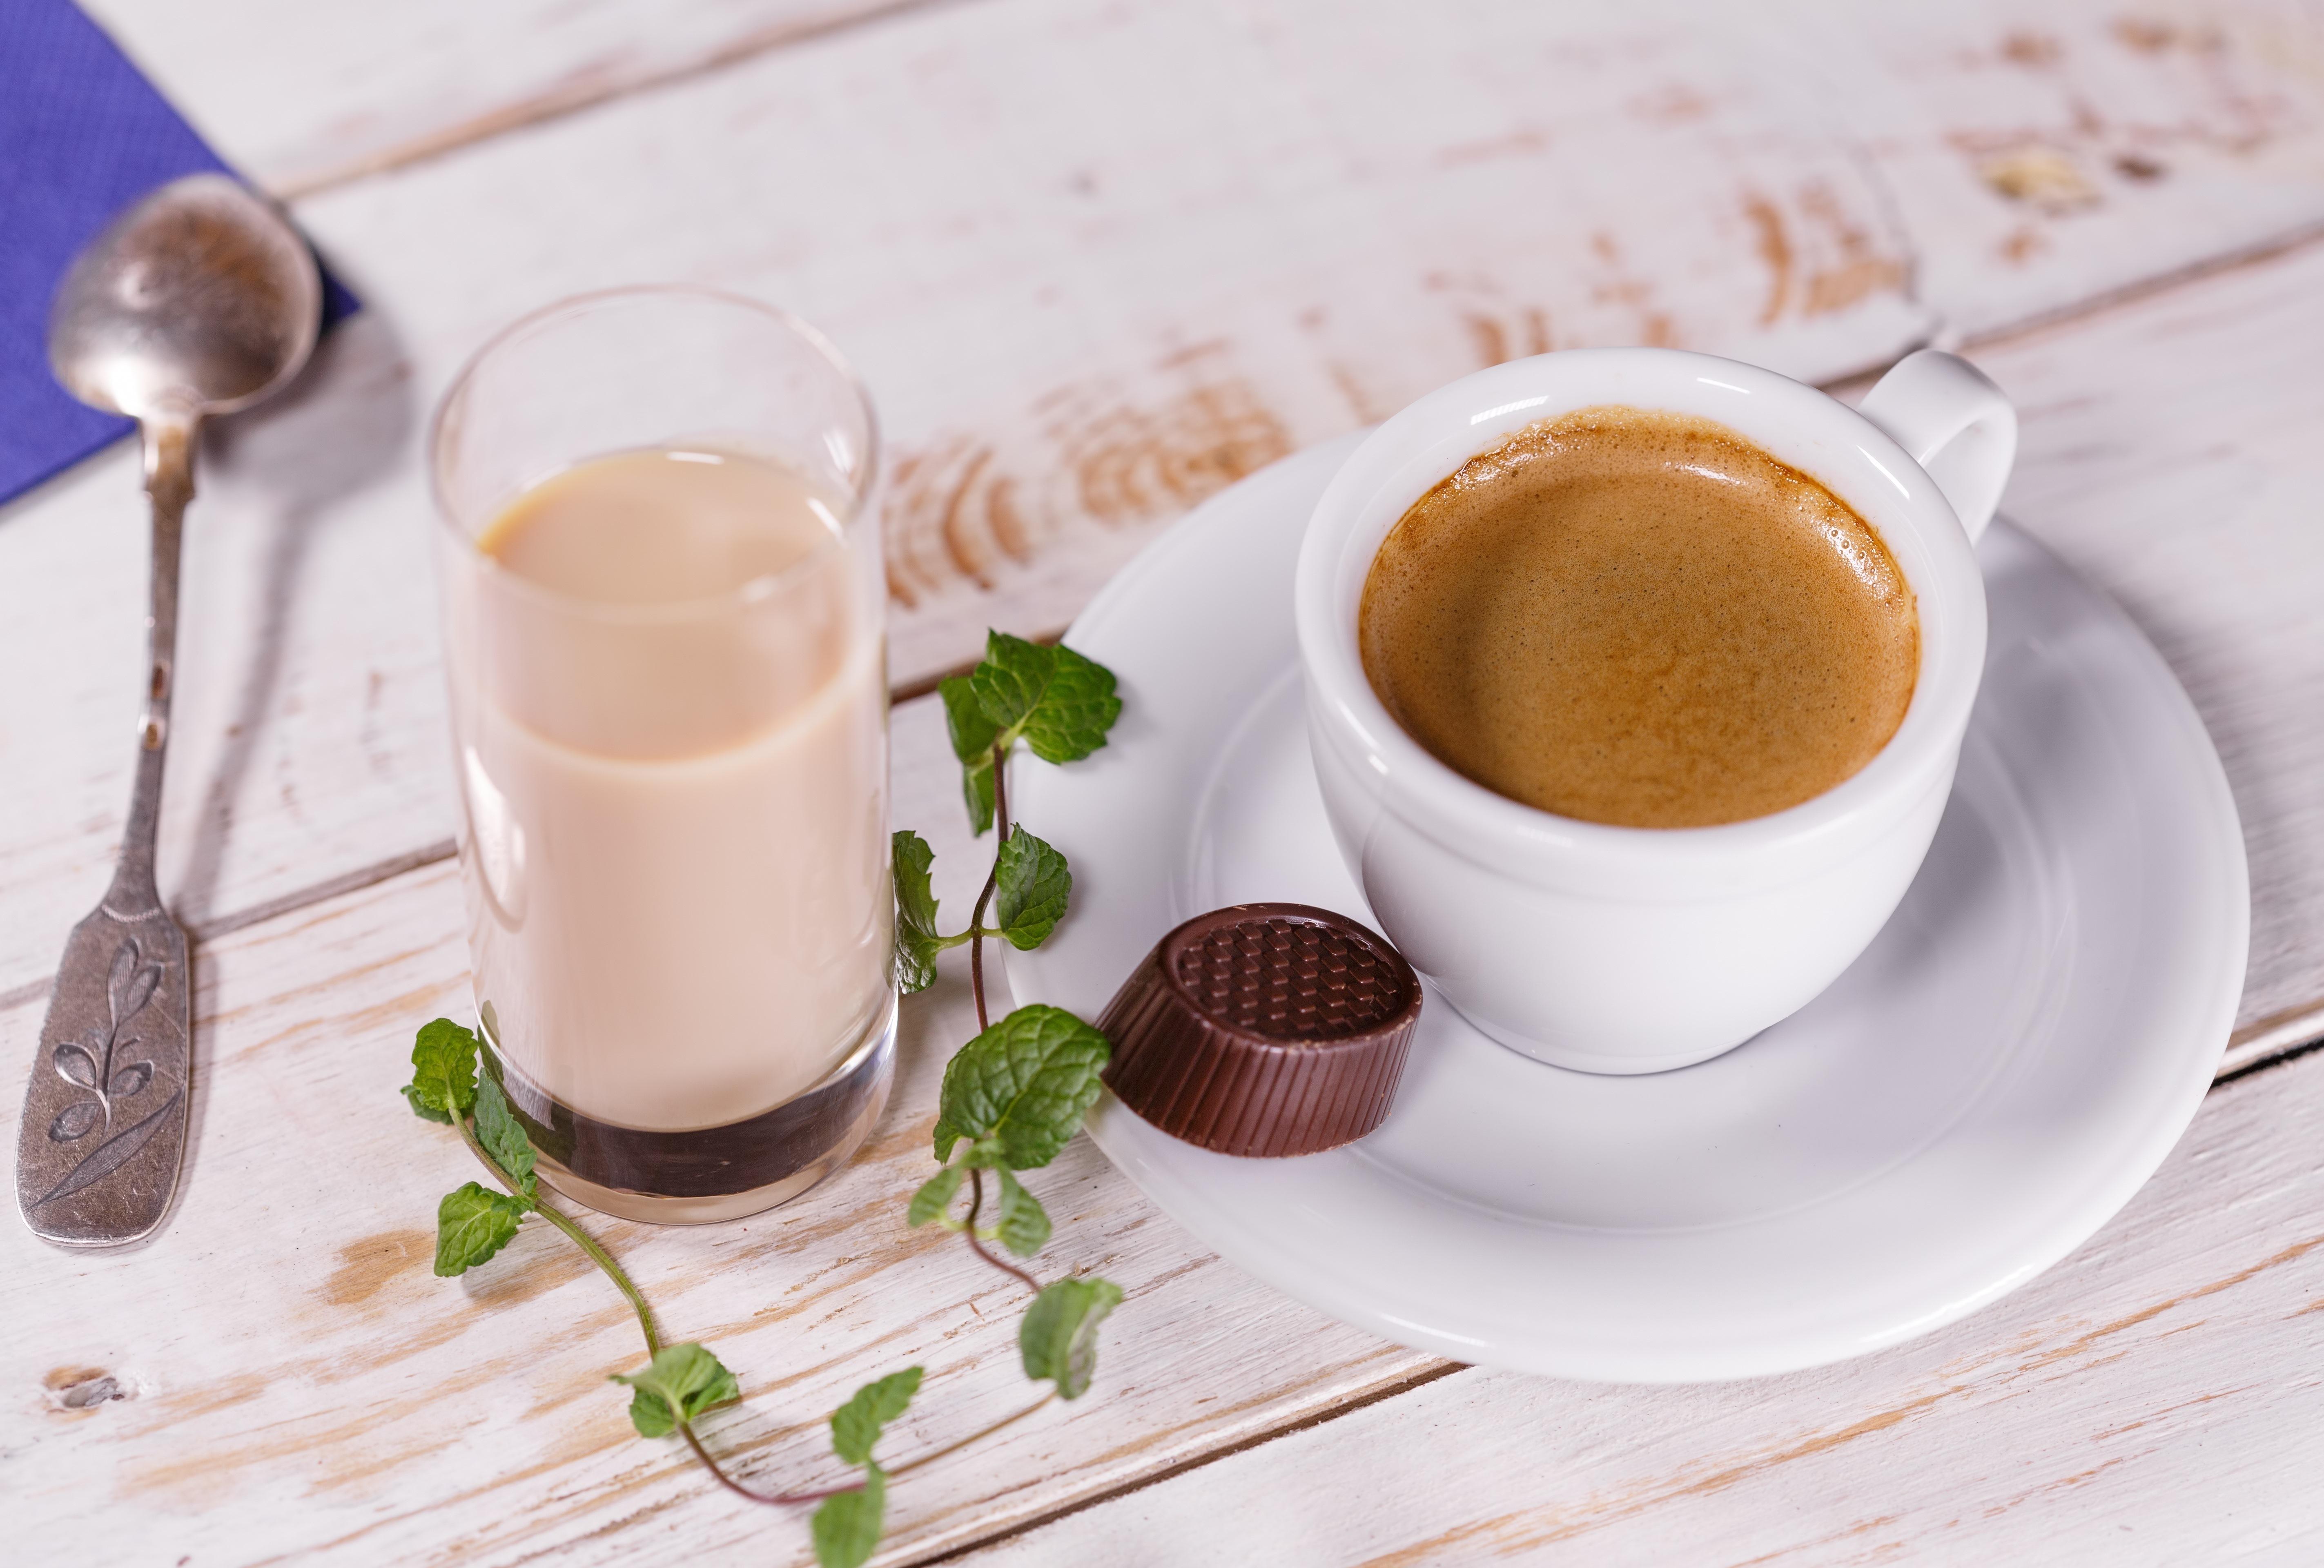 Фото кофе в чашке с молоком